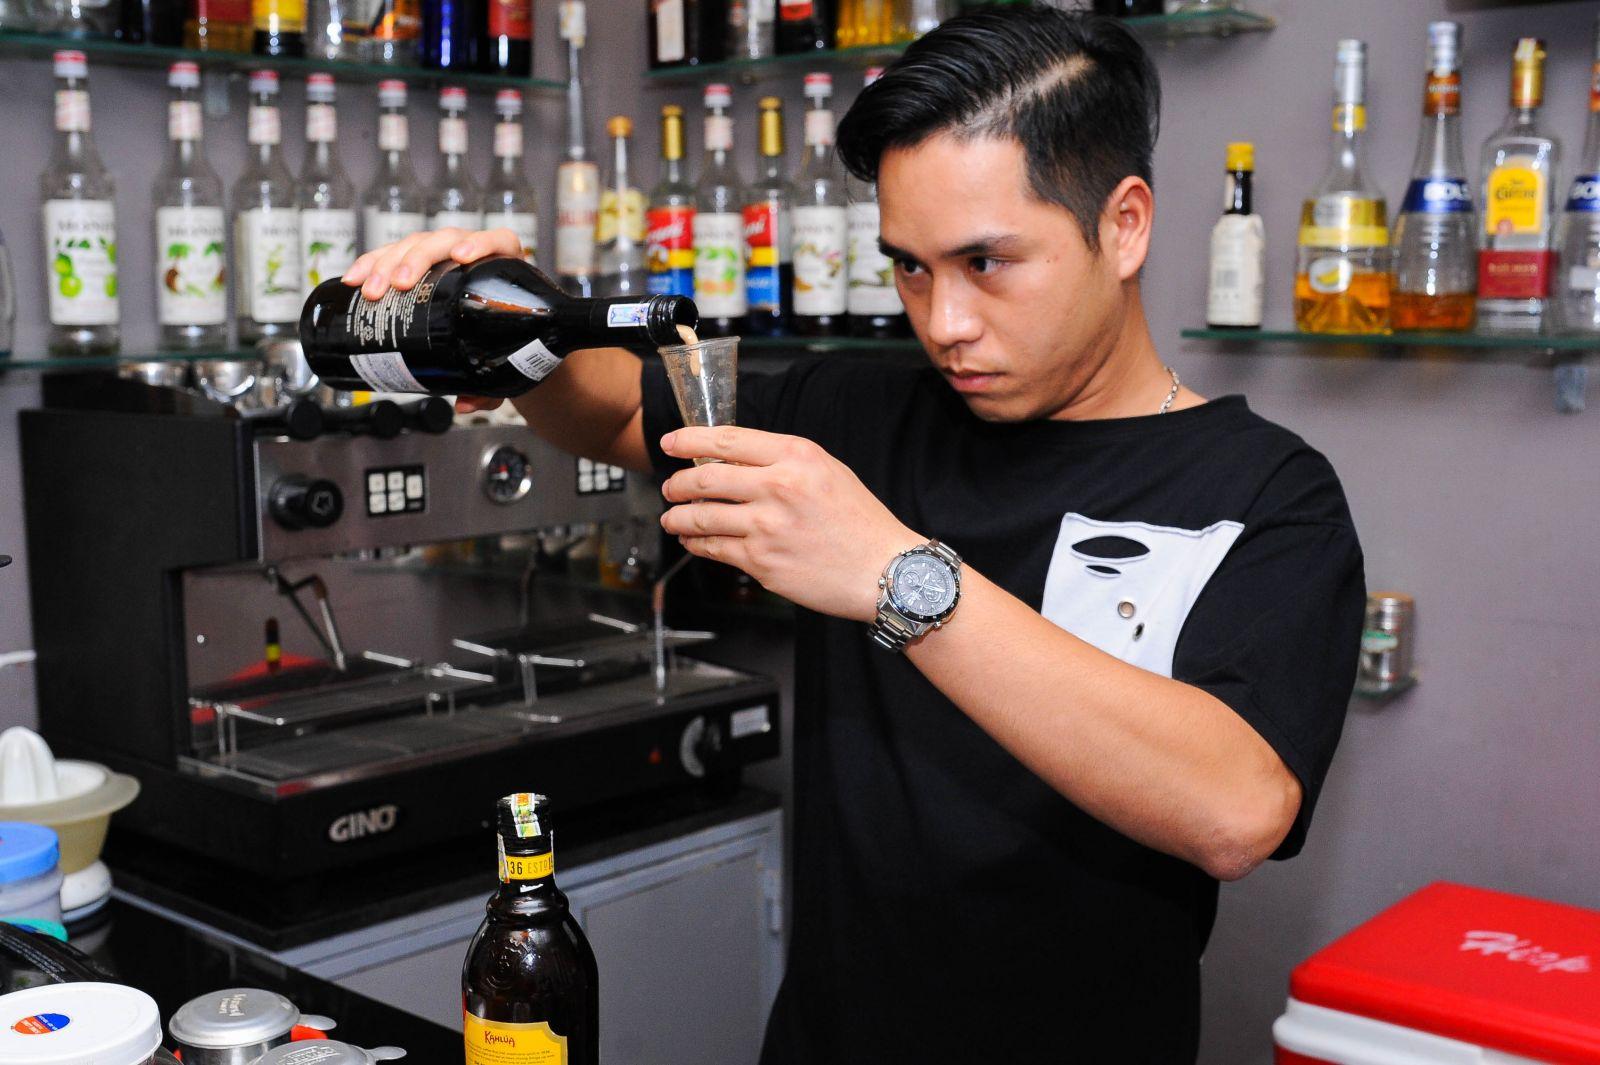 Hình ảnh học viên pha chế đô uống